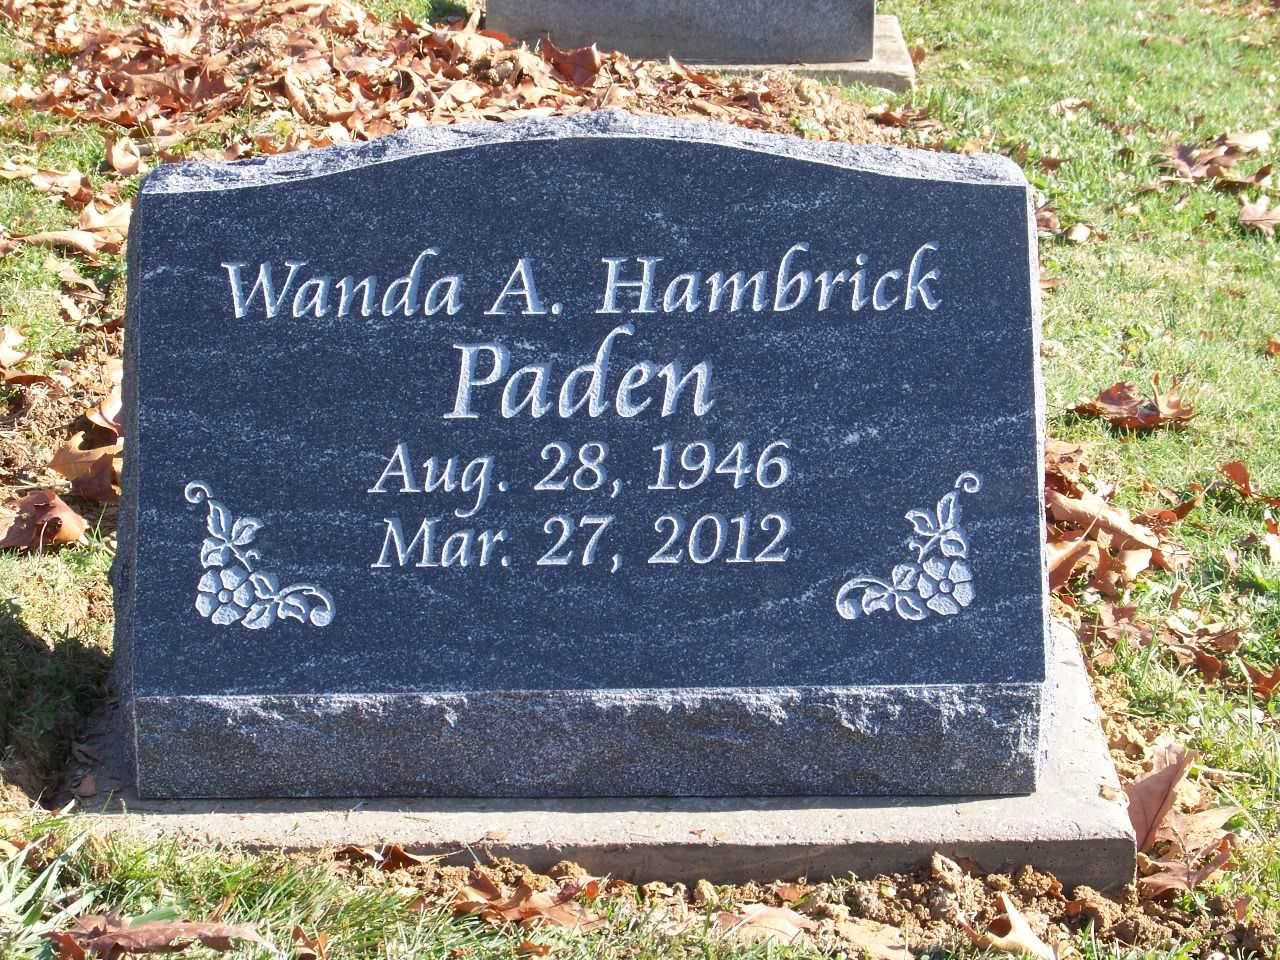 Paden, Wanda A. Hambrick